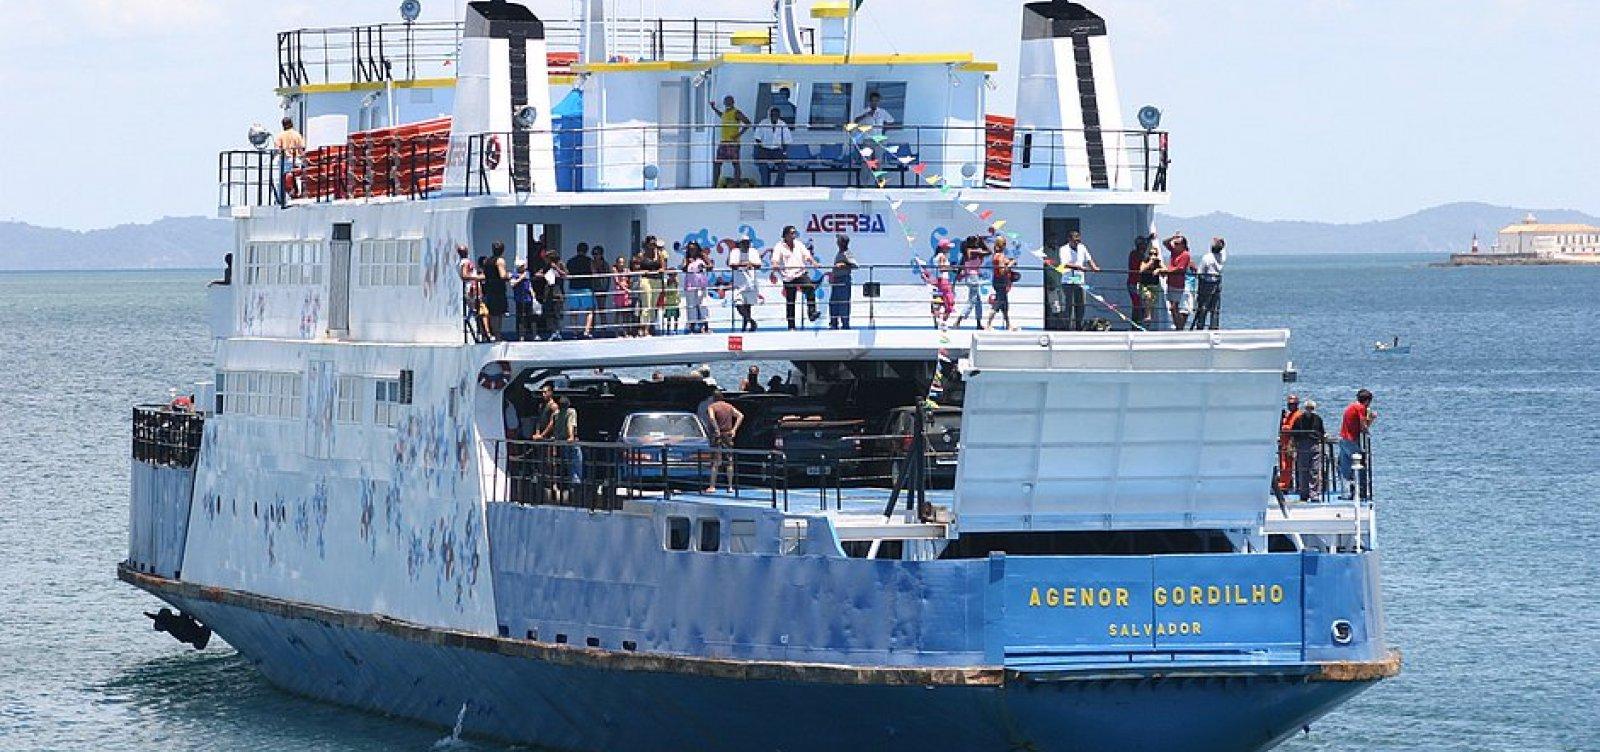 Ferry boat será afundado no mar do Corredor da Vitória, anuncia secretário